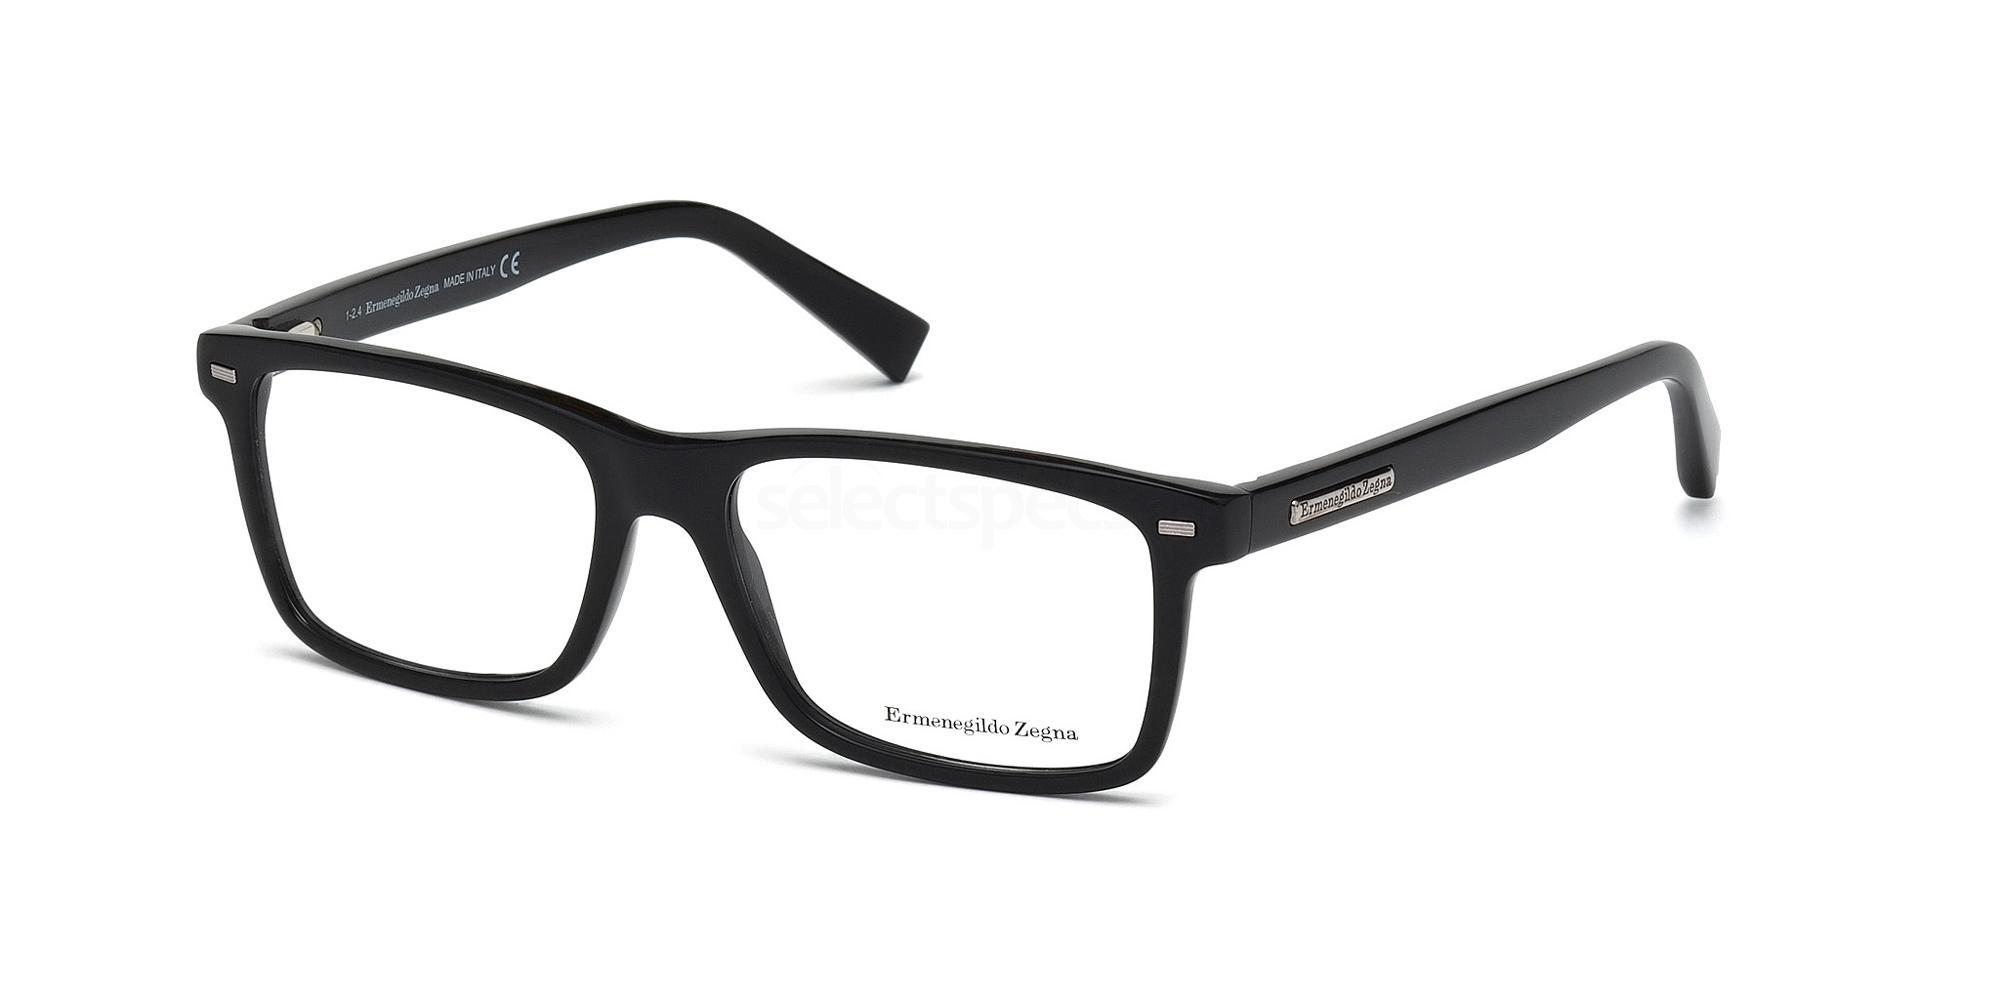 001 EZ5002 Glasses, Ermenegildo Zegna